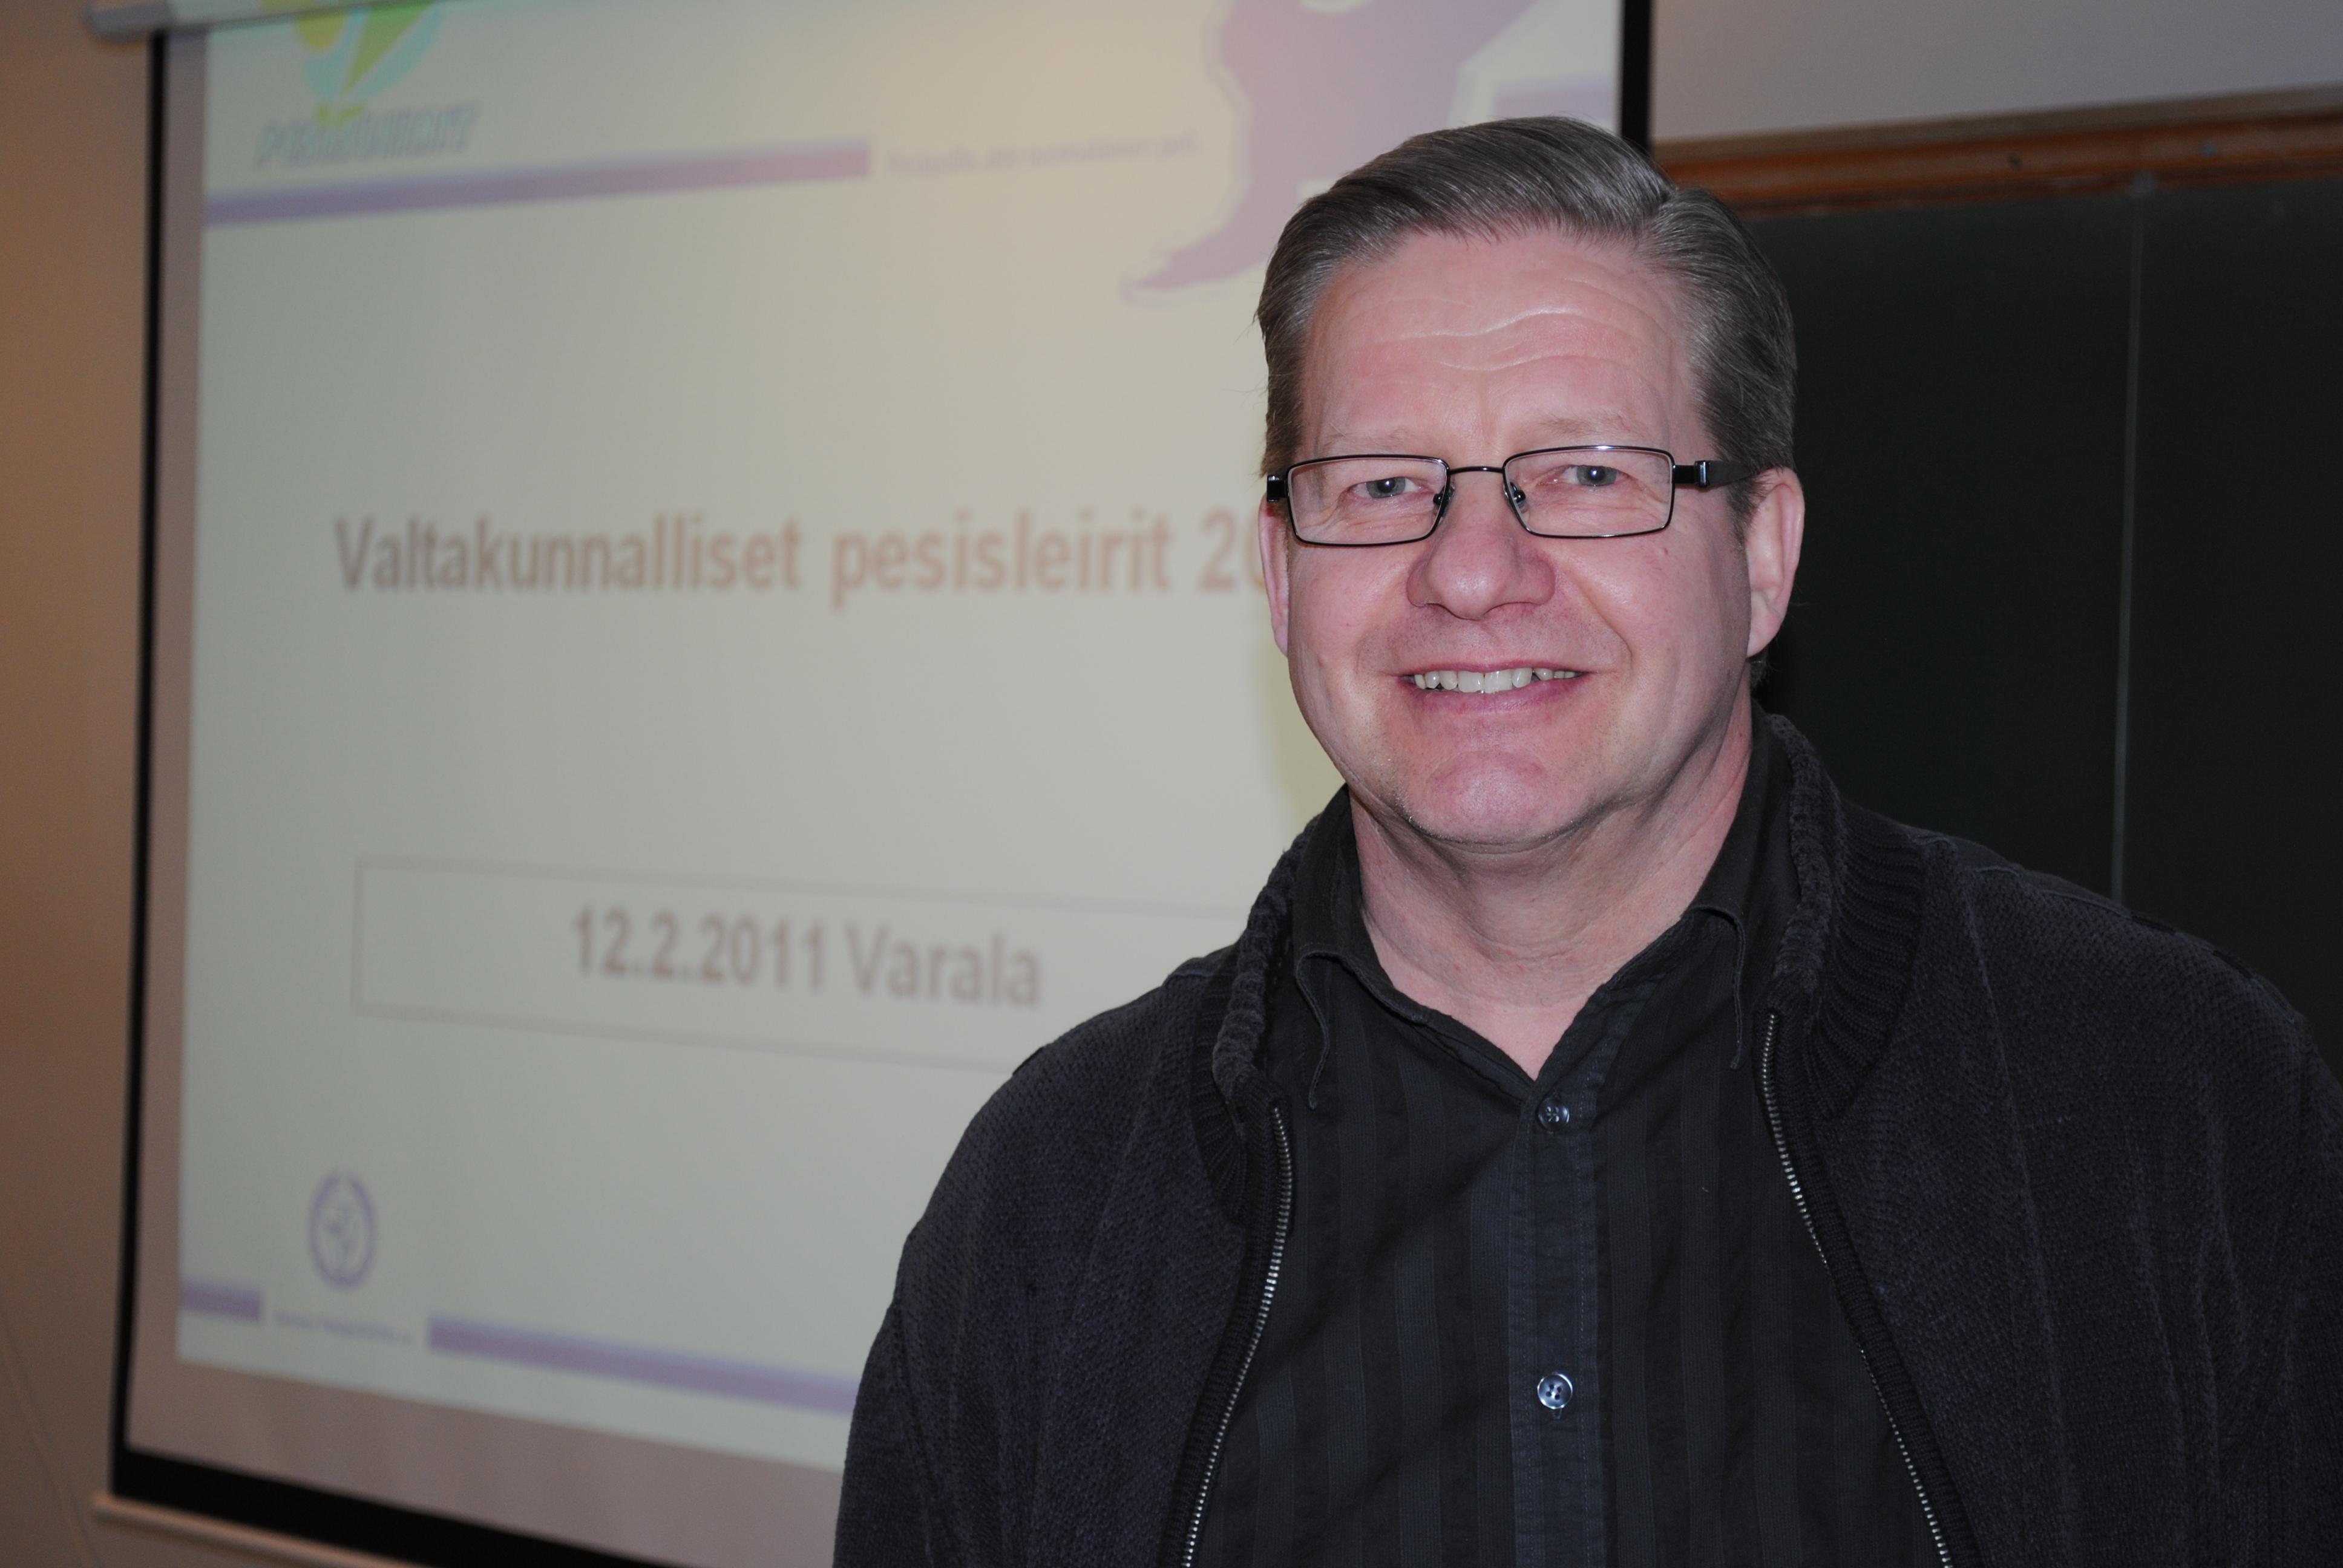 Jari Malinen